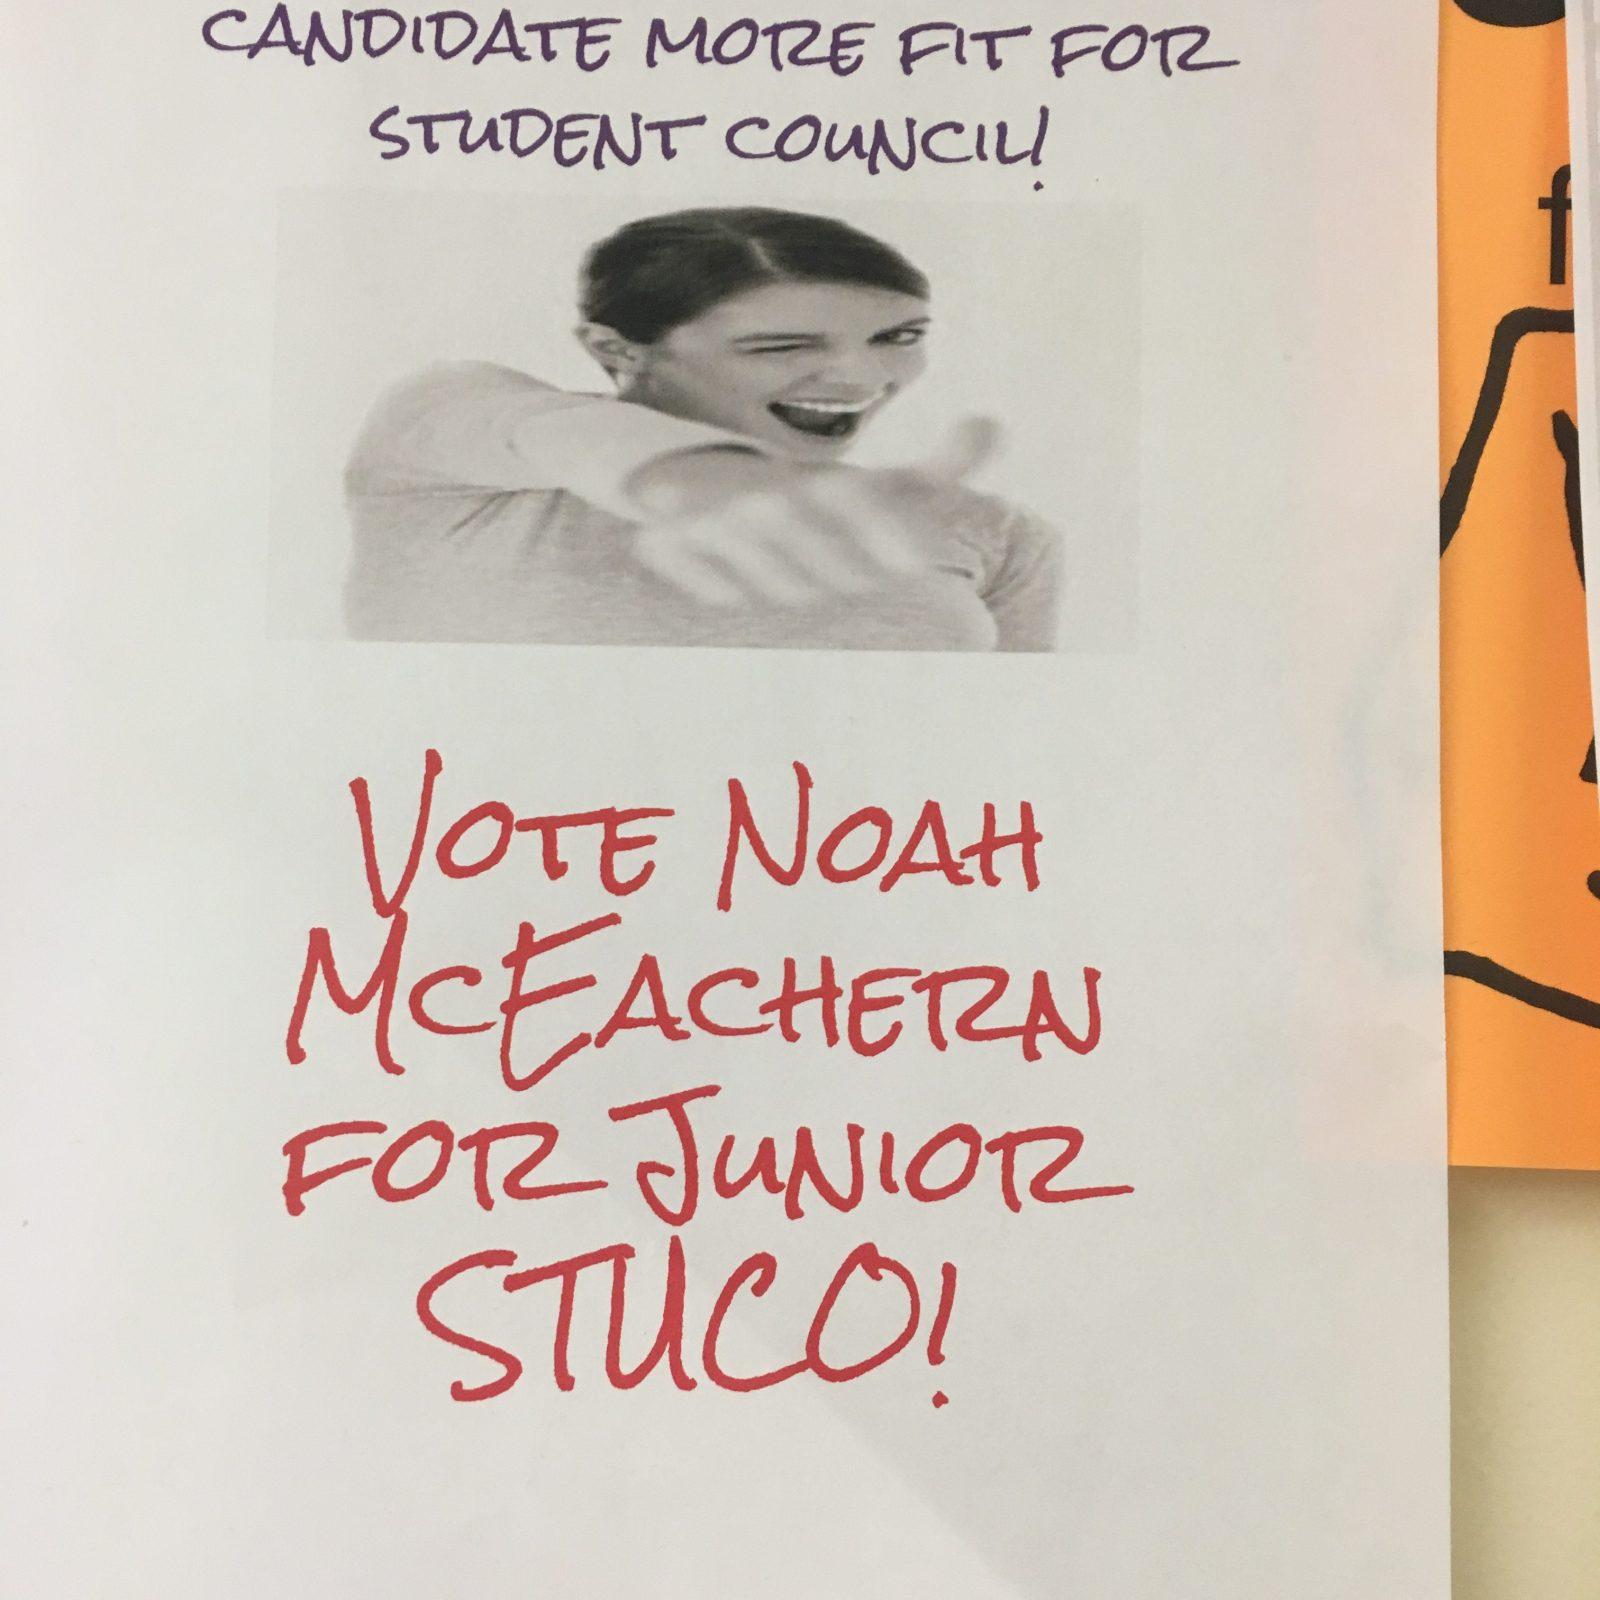 Noah McEachern